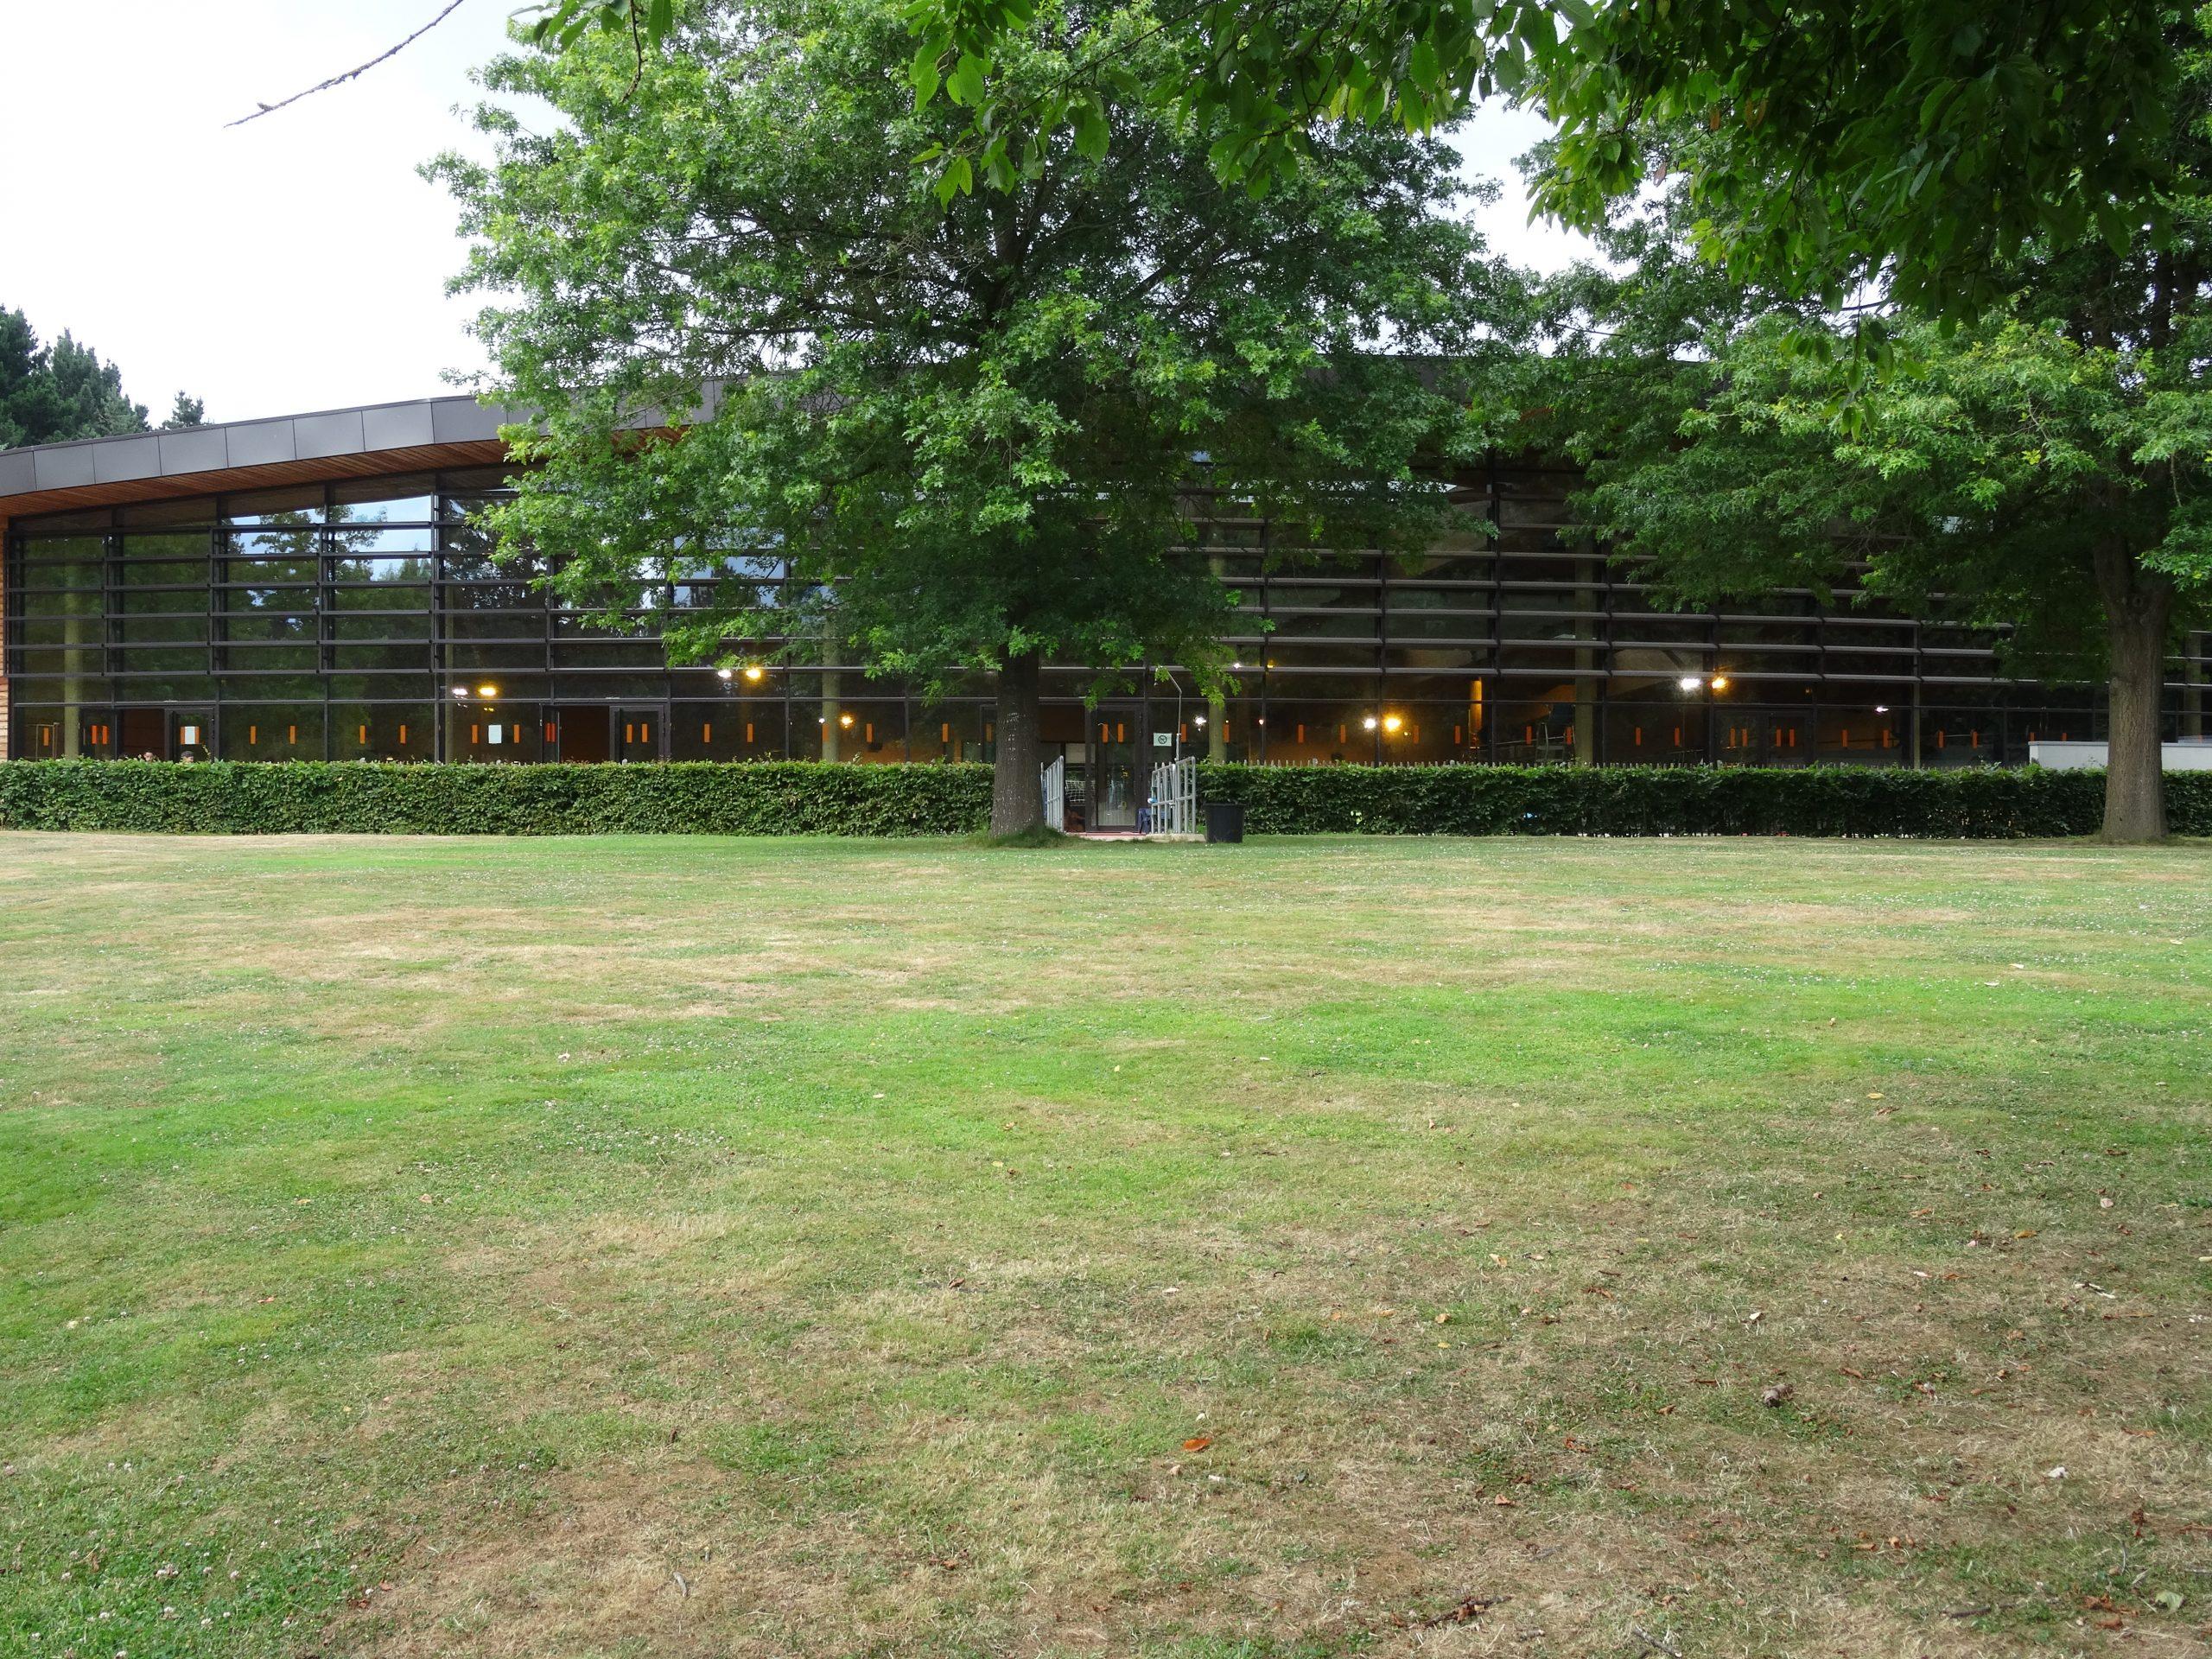 Fichier:piscine Des Gayeulles Rennes.jpg — Wikipédia dedans Piscine Des Gayeulles Rennes